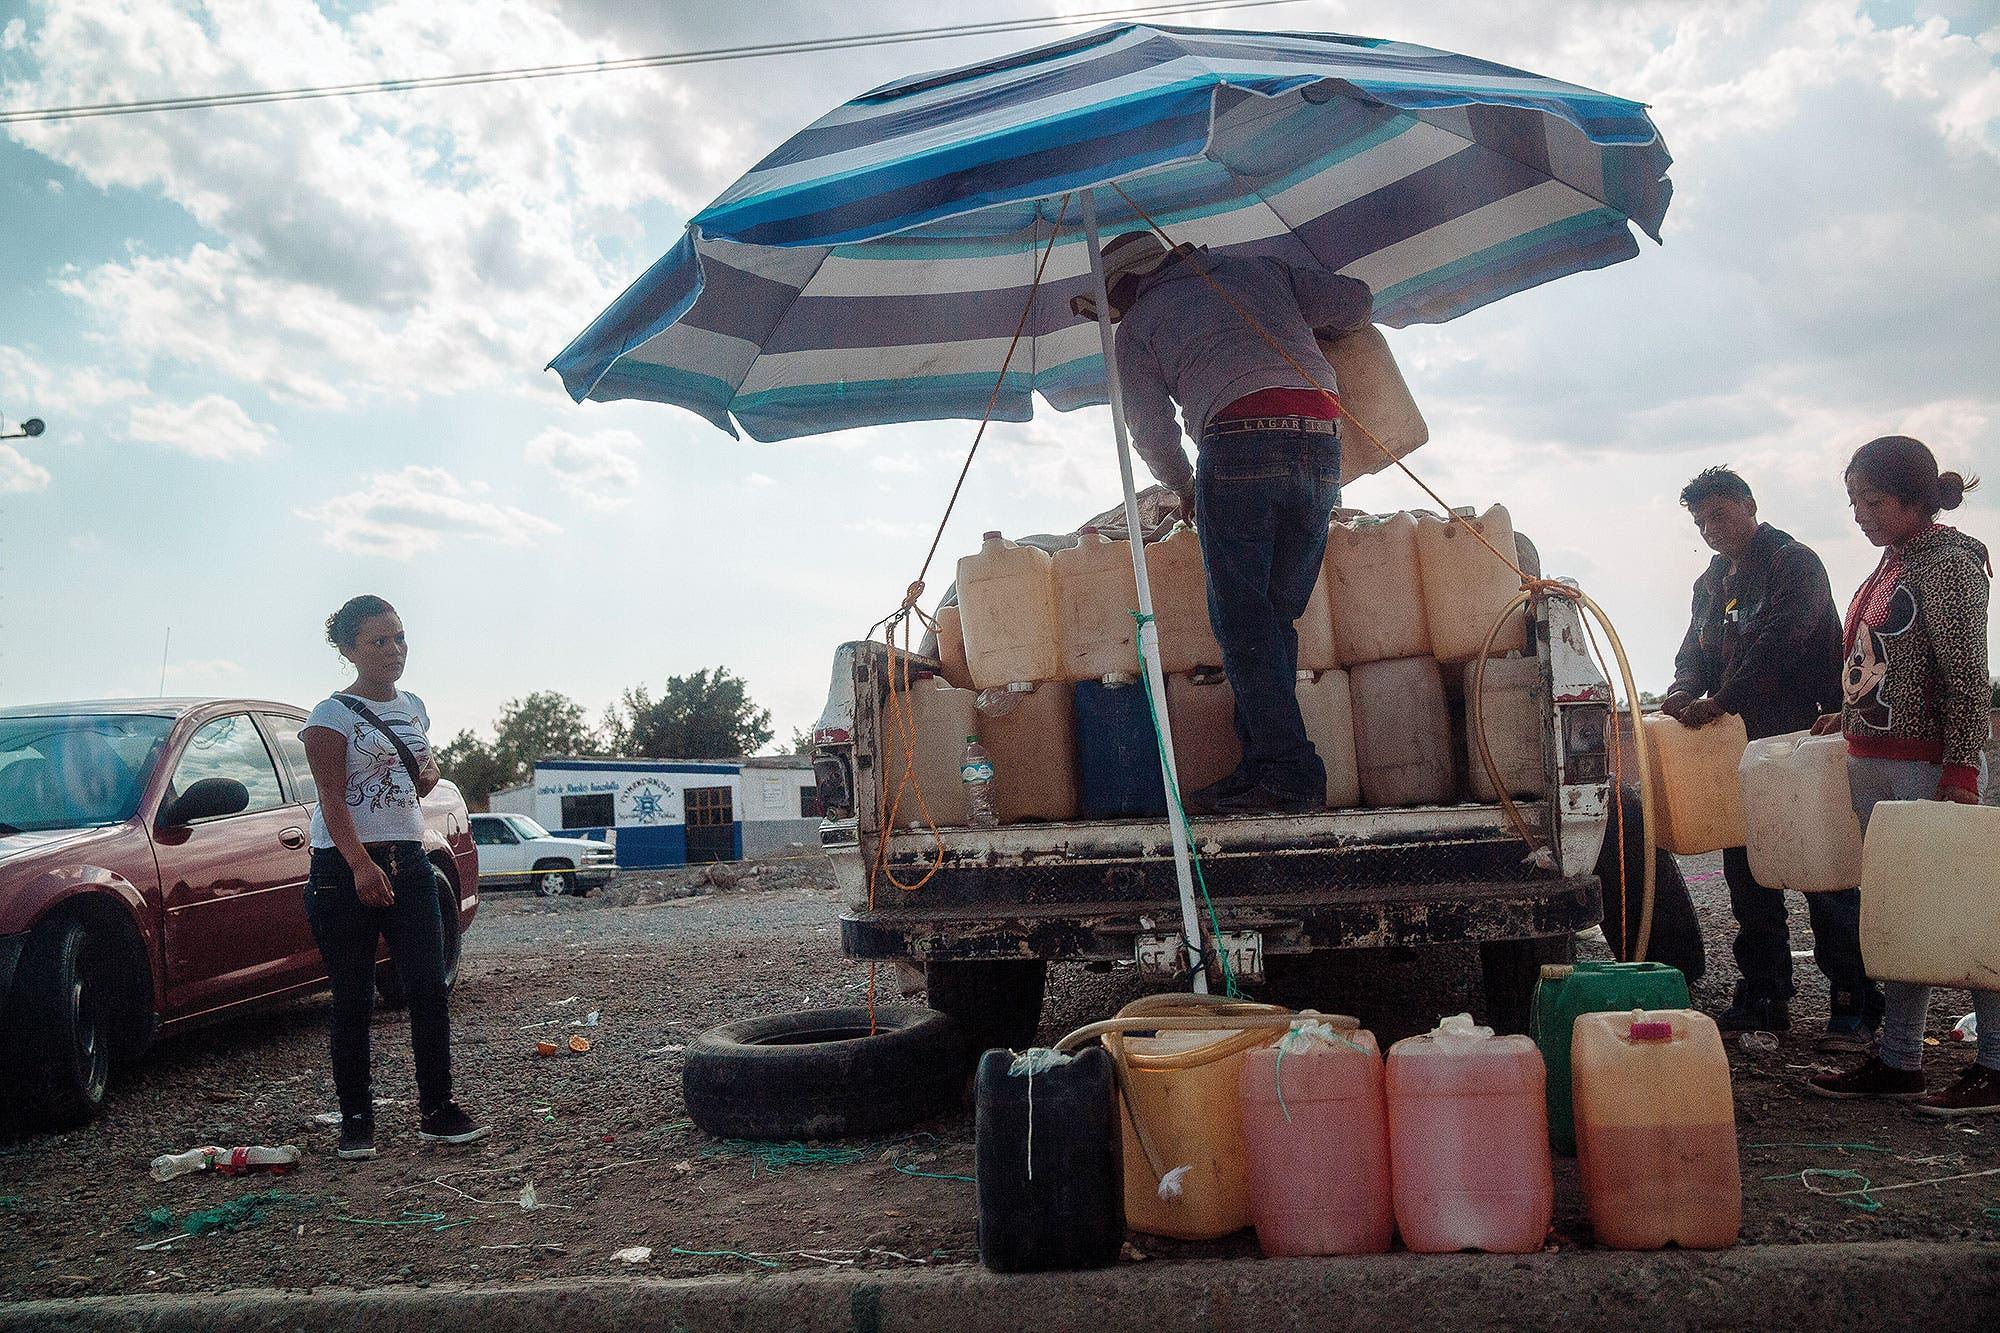 La Nueva Guerra De Los Carteles En Mexico Sangre Por Nafta La Nacion